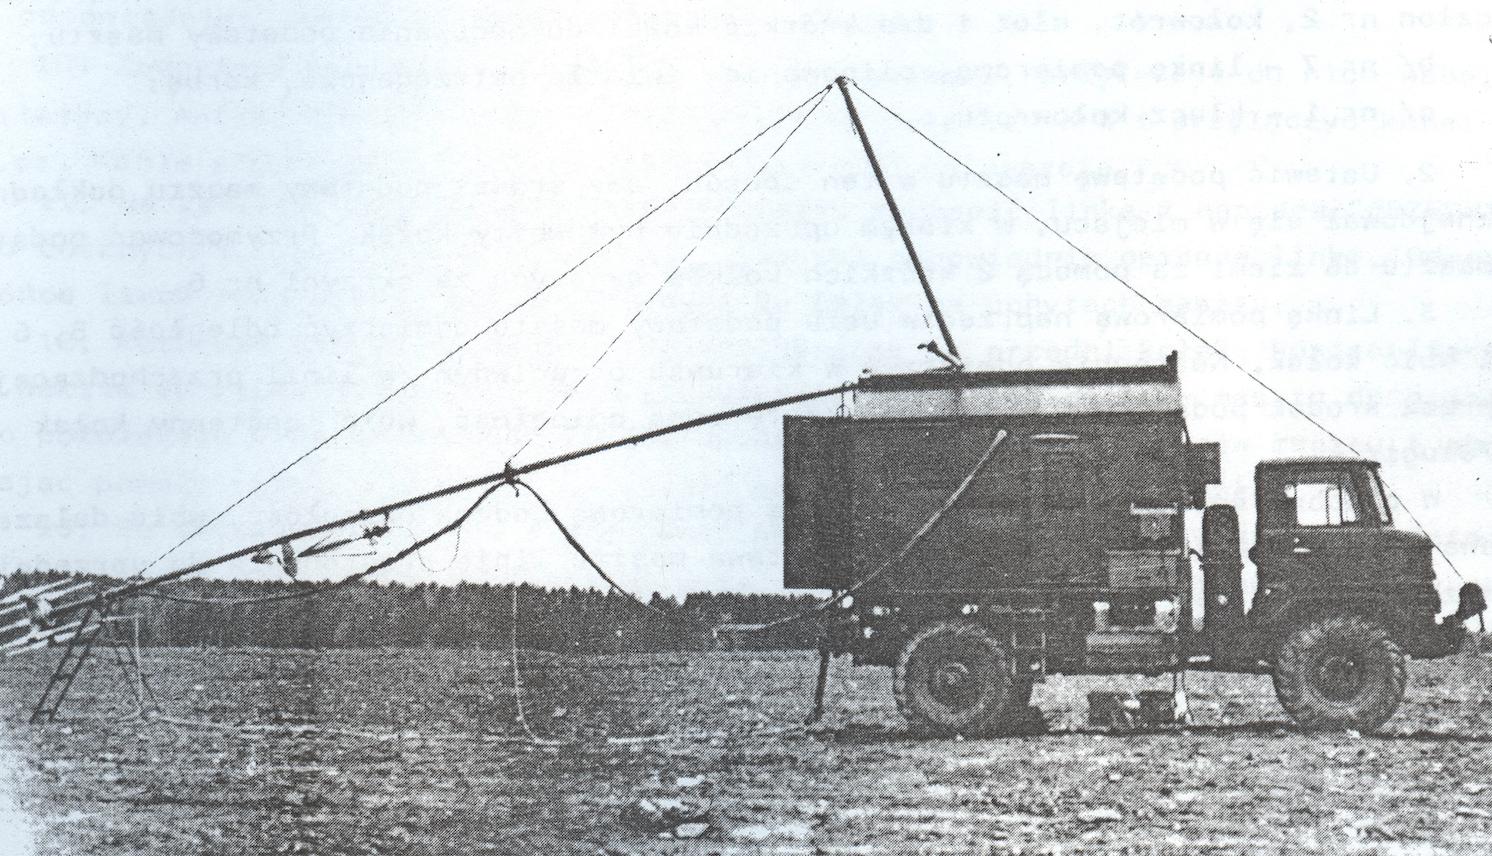 Stawianie masztu ARP-6D. Źródło: Radionamiernik ARP-6D, opis techniczny i eksploatacja